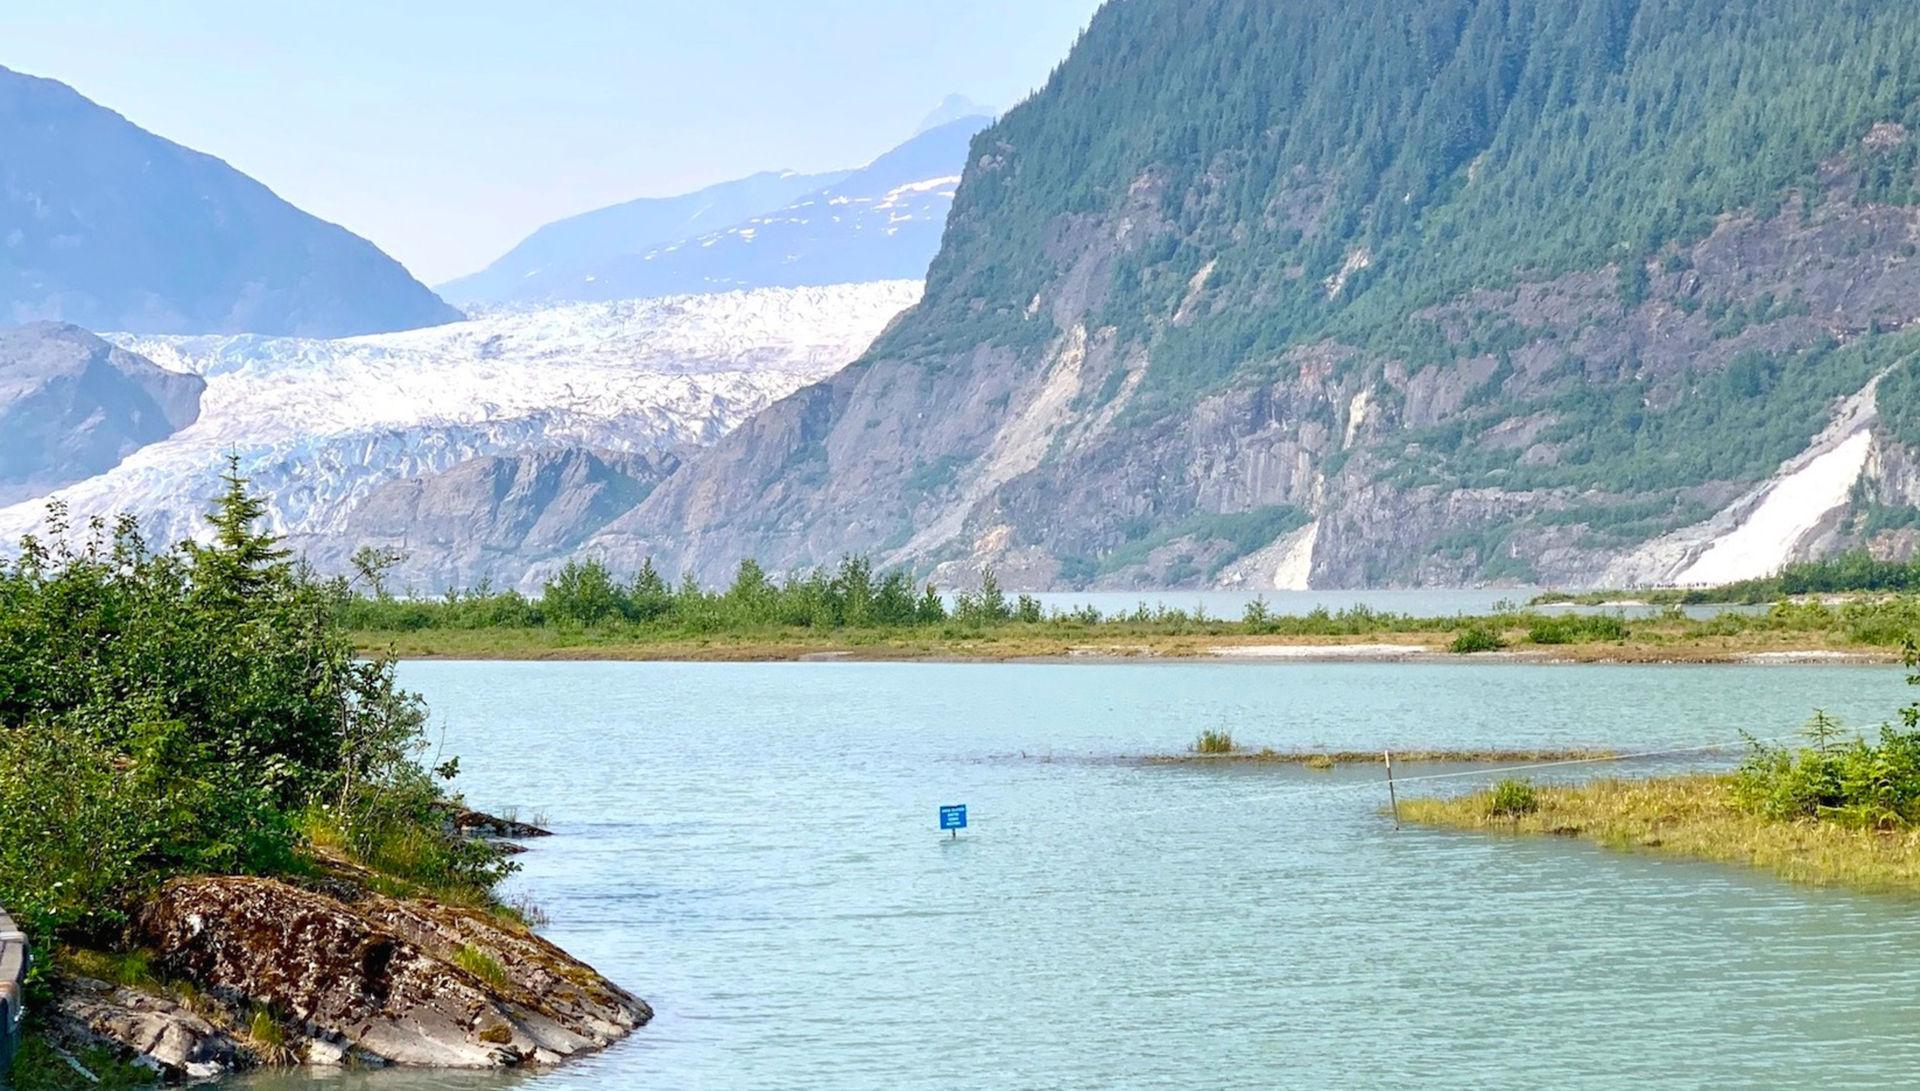 Mùa Hè ở tiểu bang lạnh giá Alaska - 3